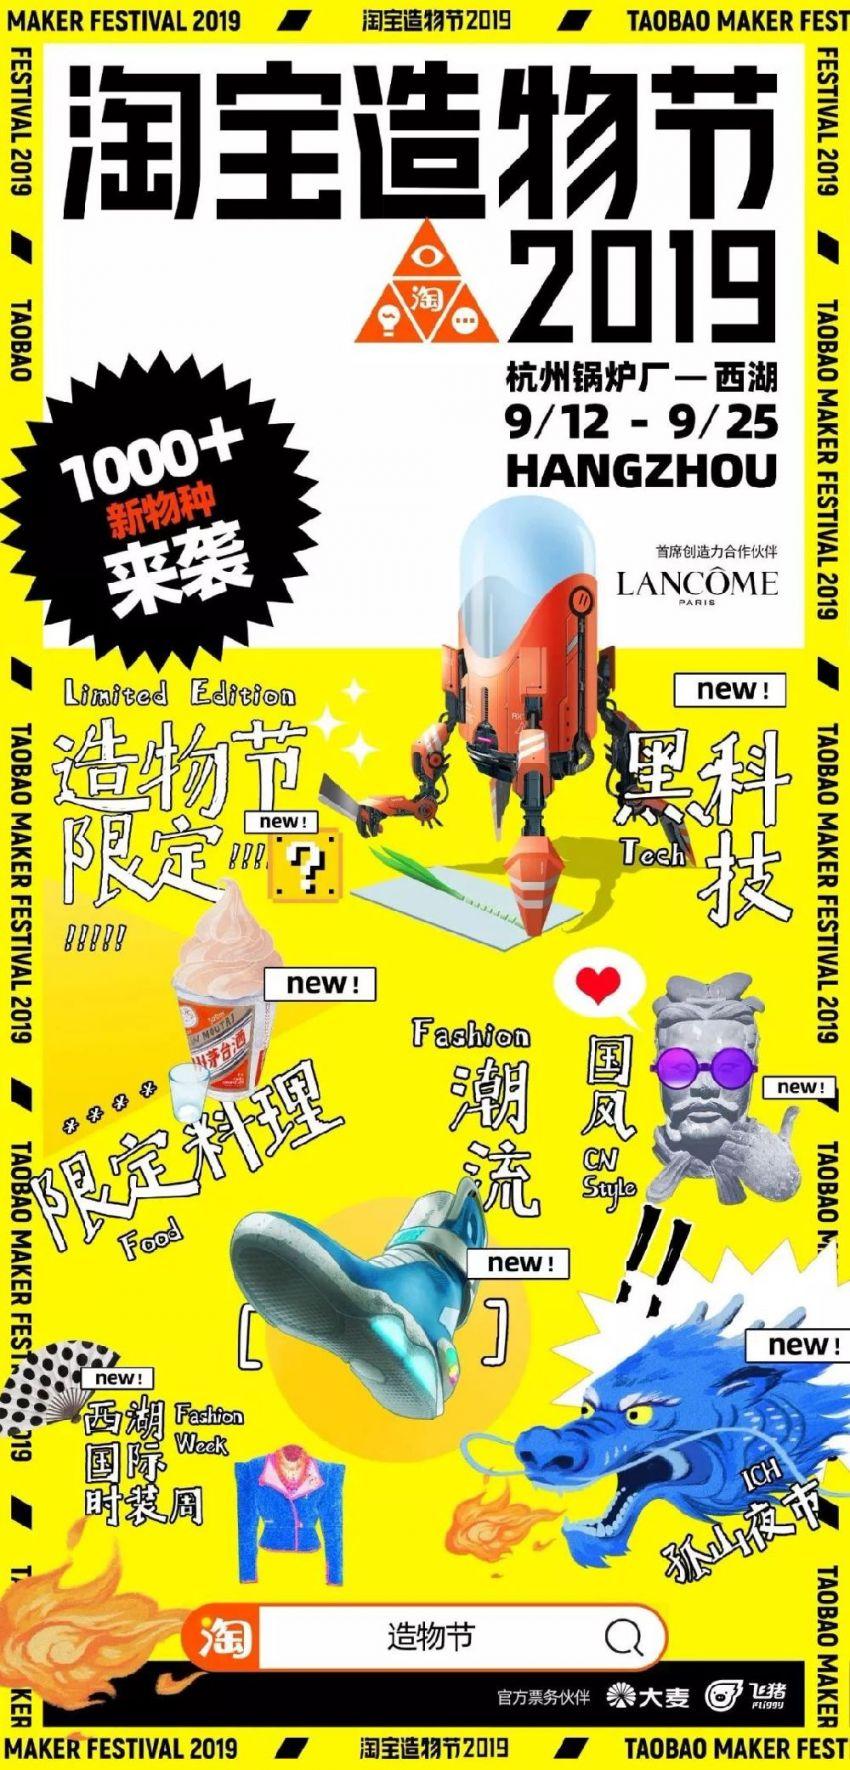 杭州天气_2019淘宝造物节时间、地点、看点- 杭州本地宝